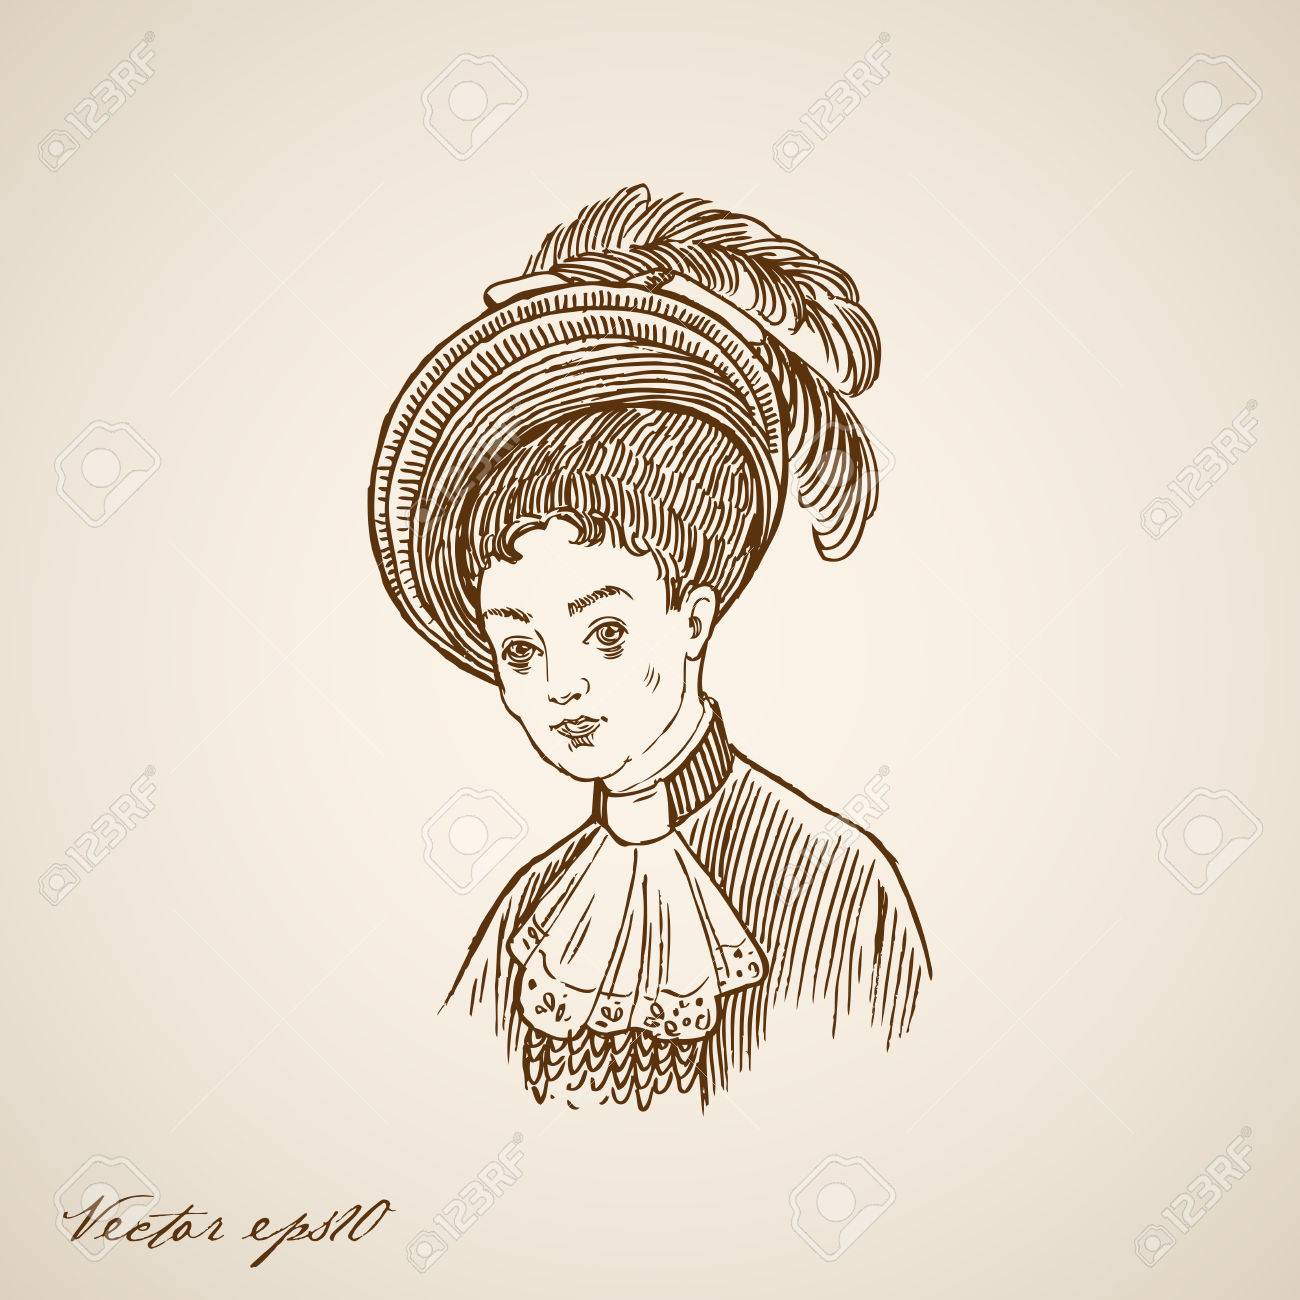 Banque dimages gravure mode vintage rétro dame en chapeau à plumes main doodle dessiné collage pencil sketch portrait de femme illustration